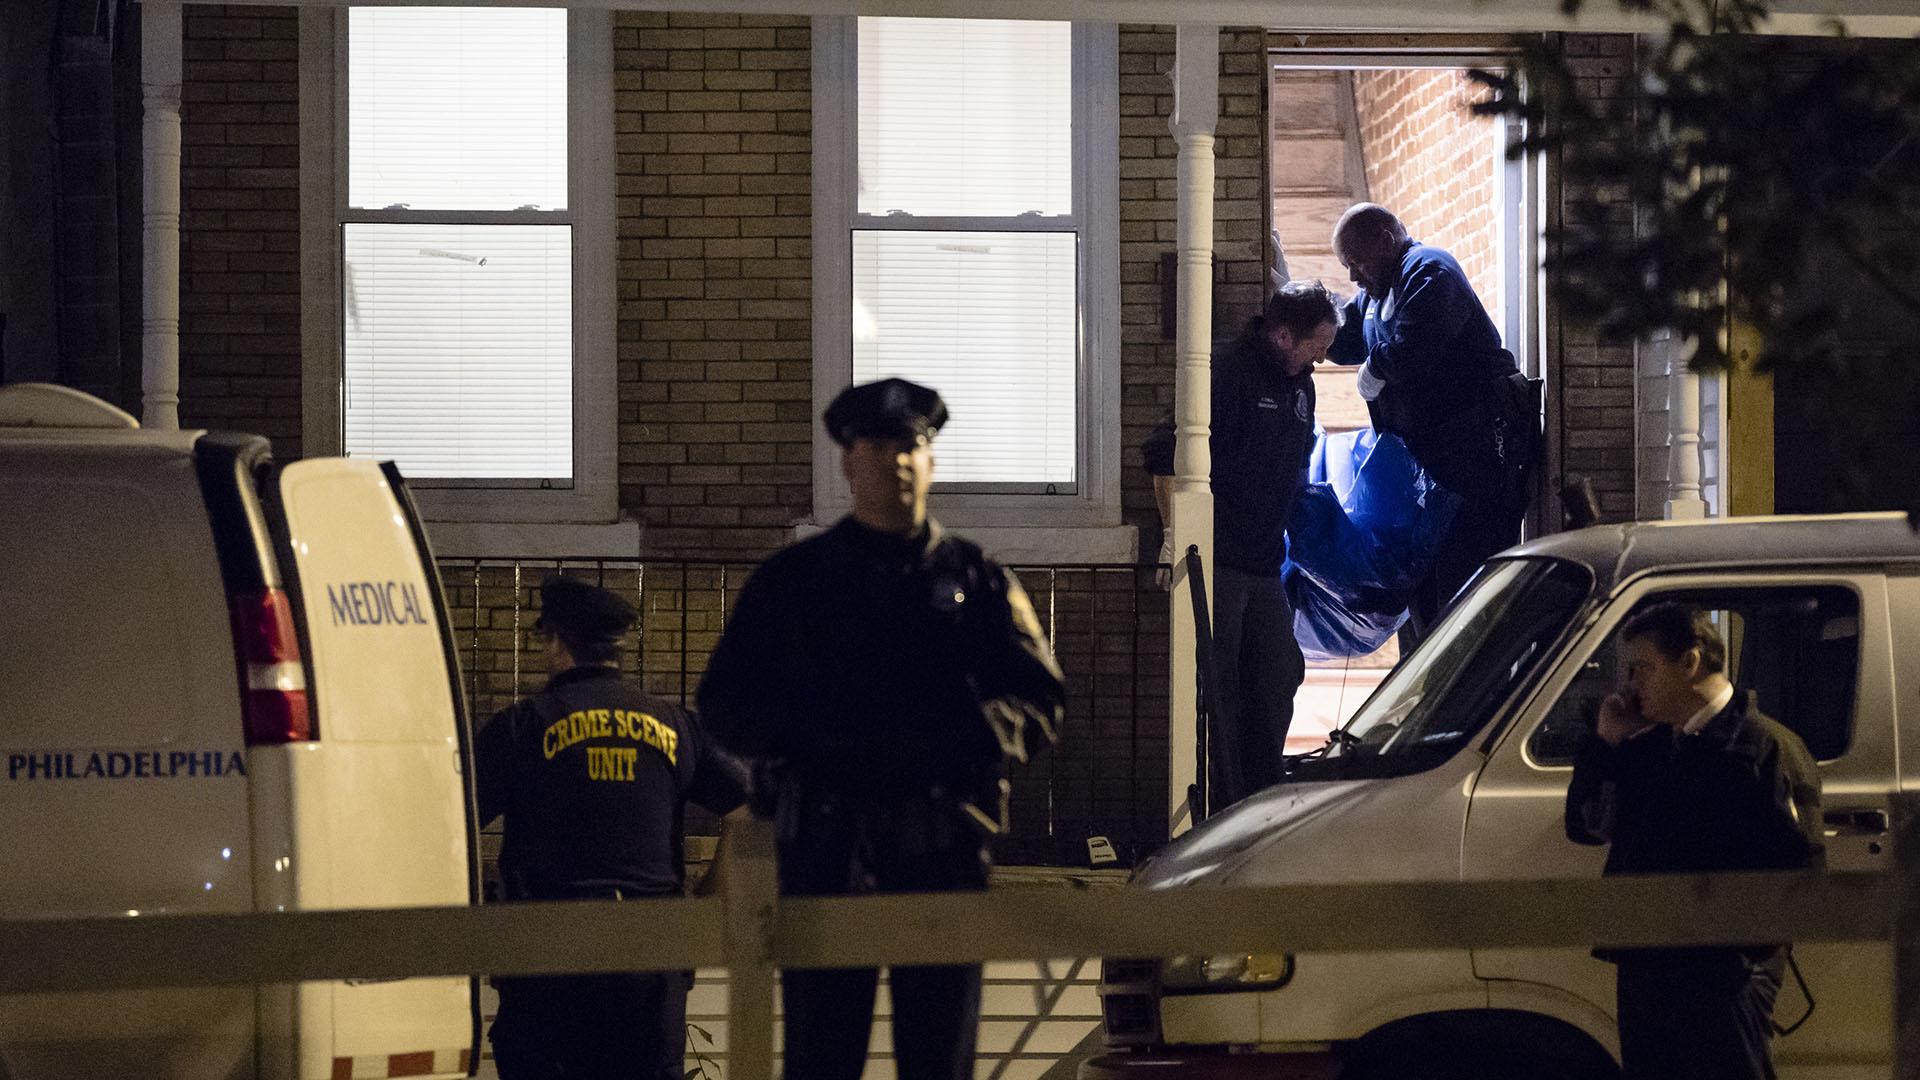 Las autoridades sacan uno de los cuerpos sin vida de la propiedad (AP)